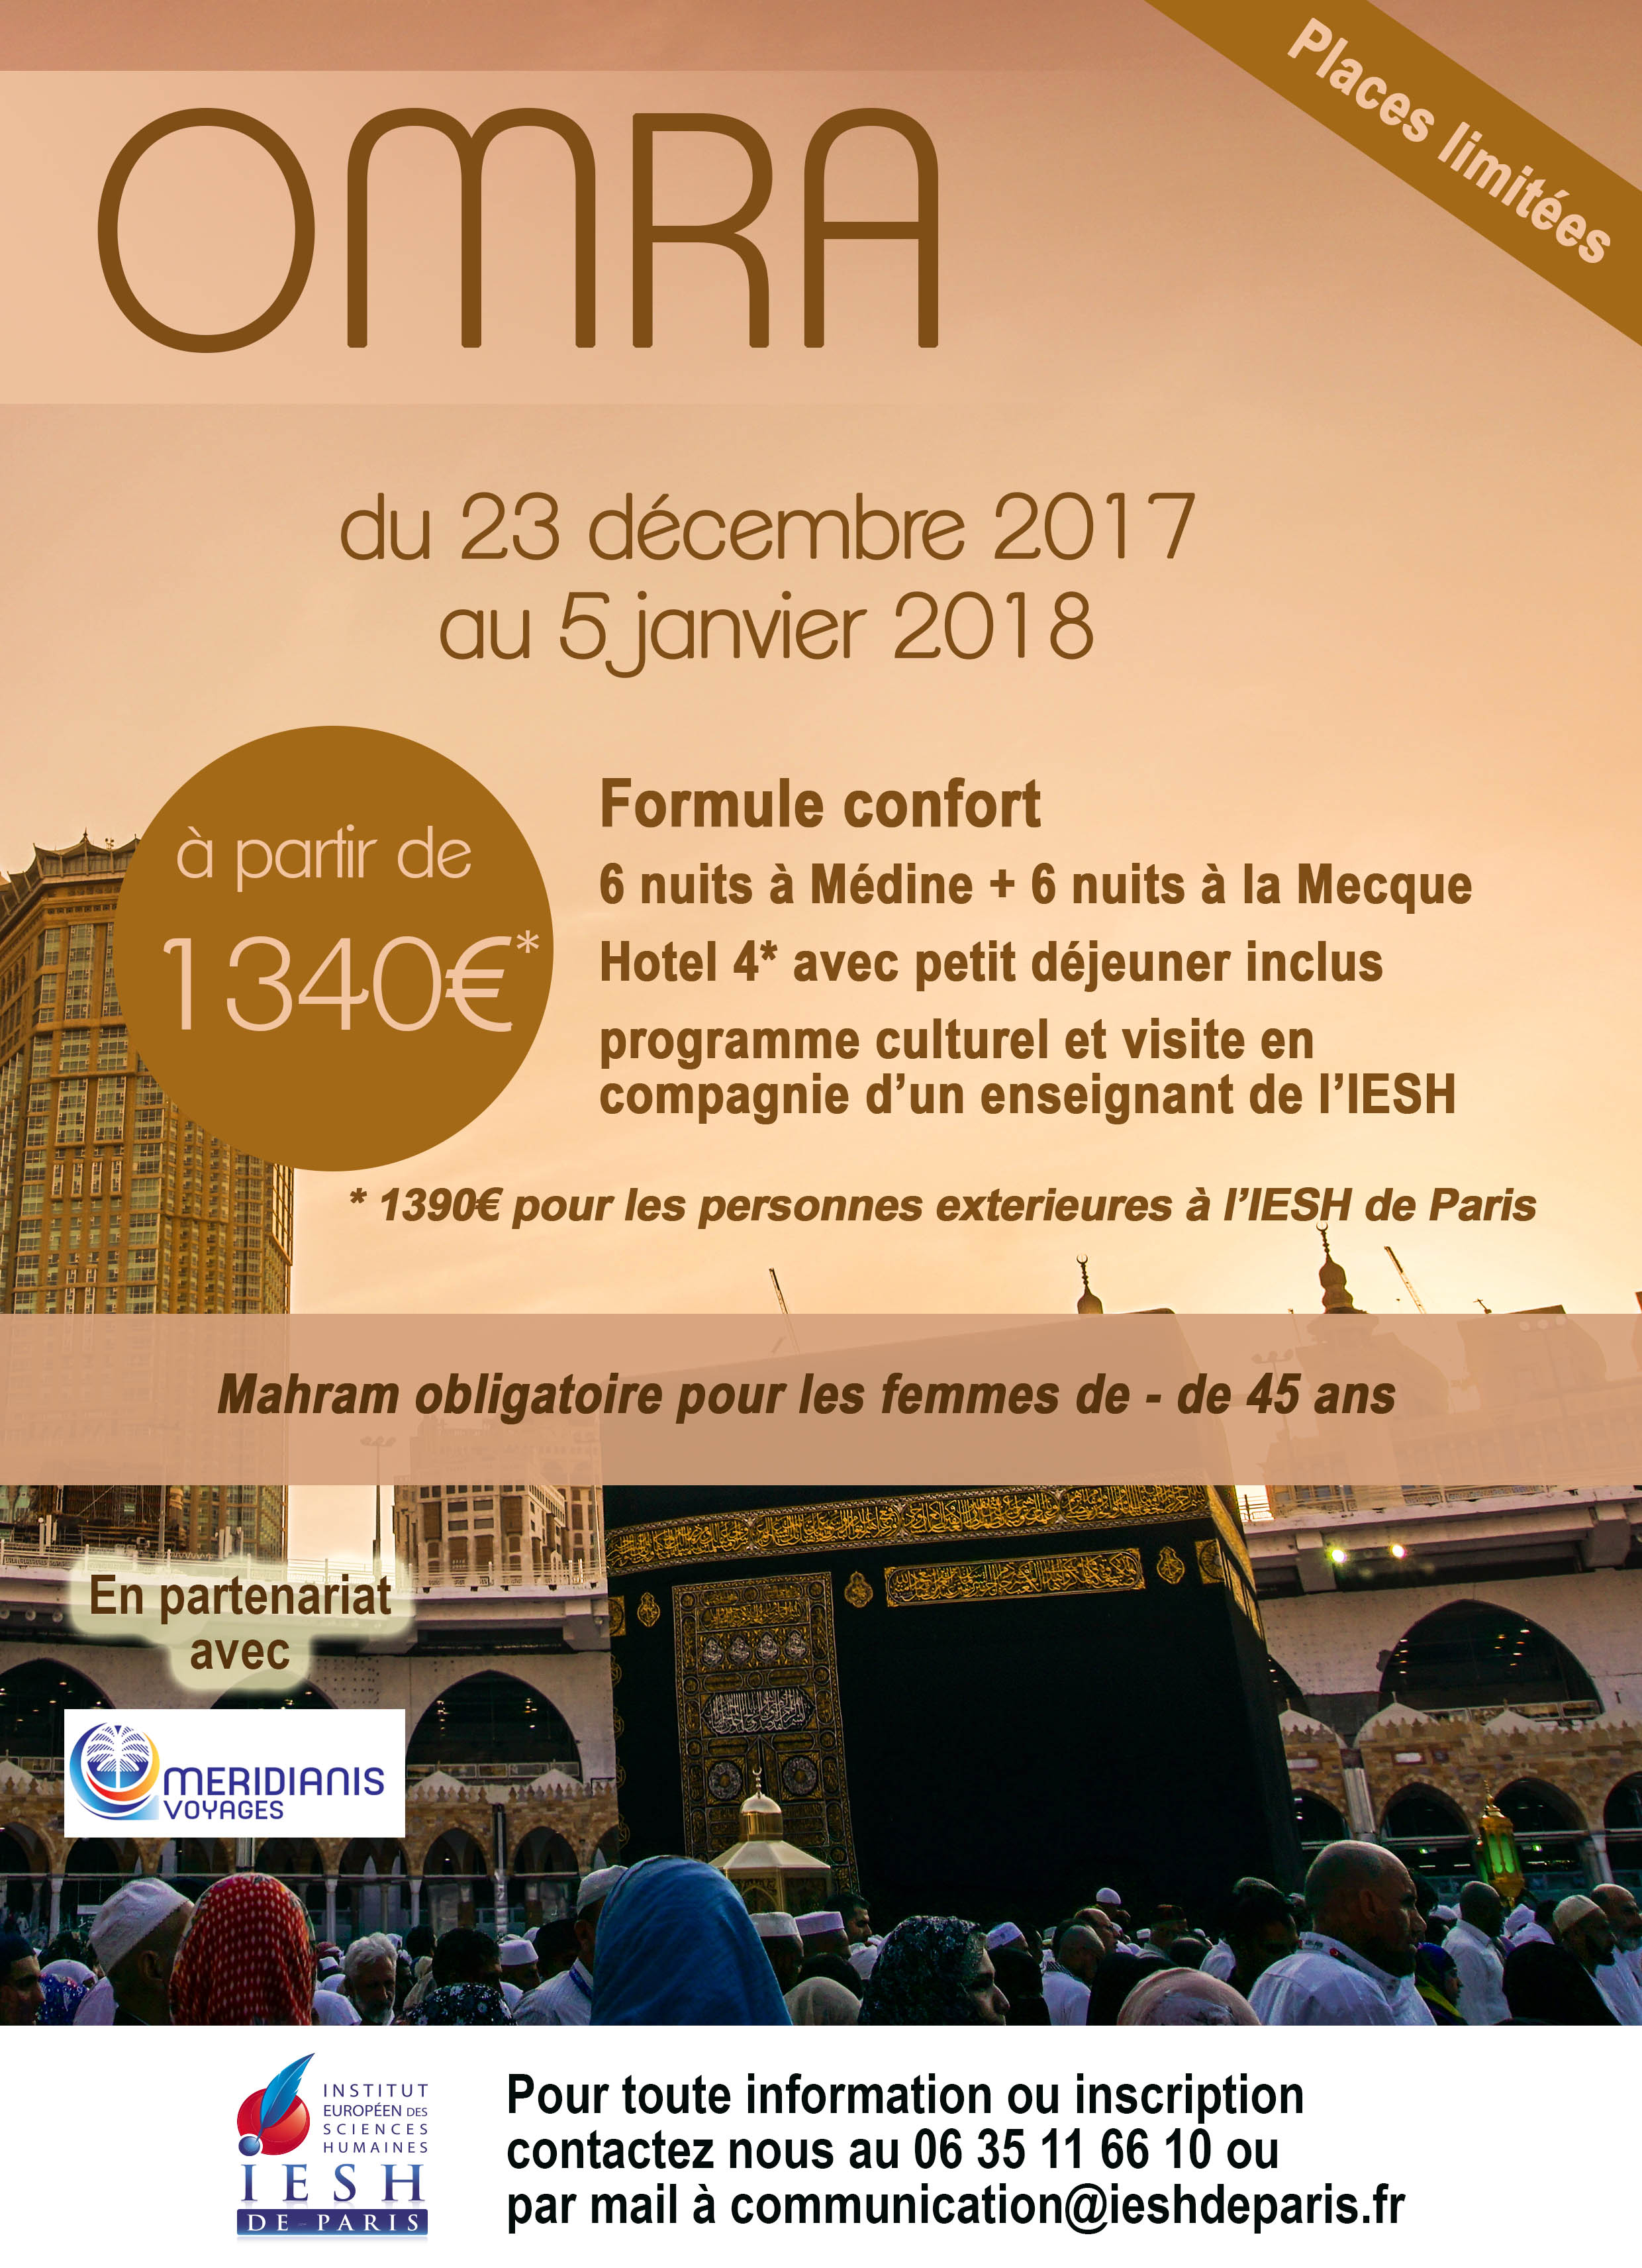 http://www.saphirnews.com/agenda/Sejour-Omra-du-23-decembre-2017-au-5-janvier-2018_ae524198.html